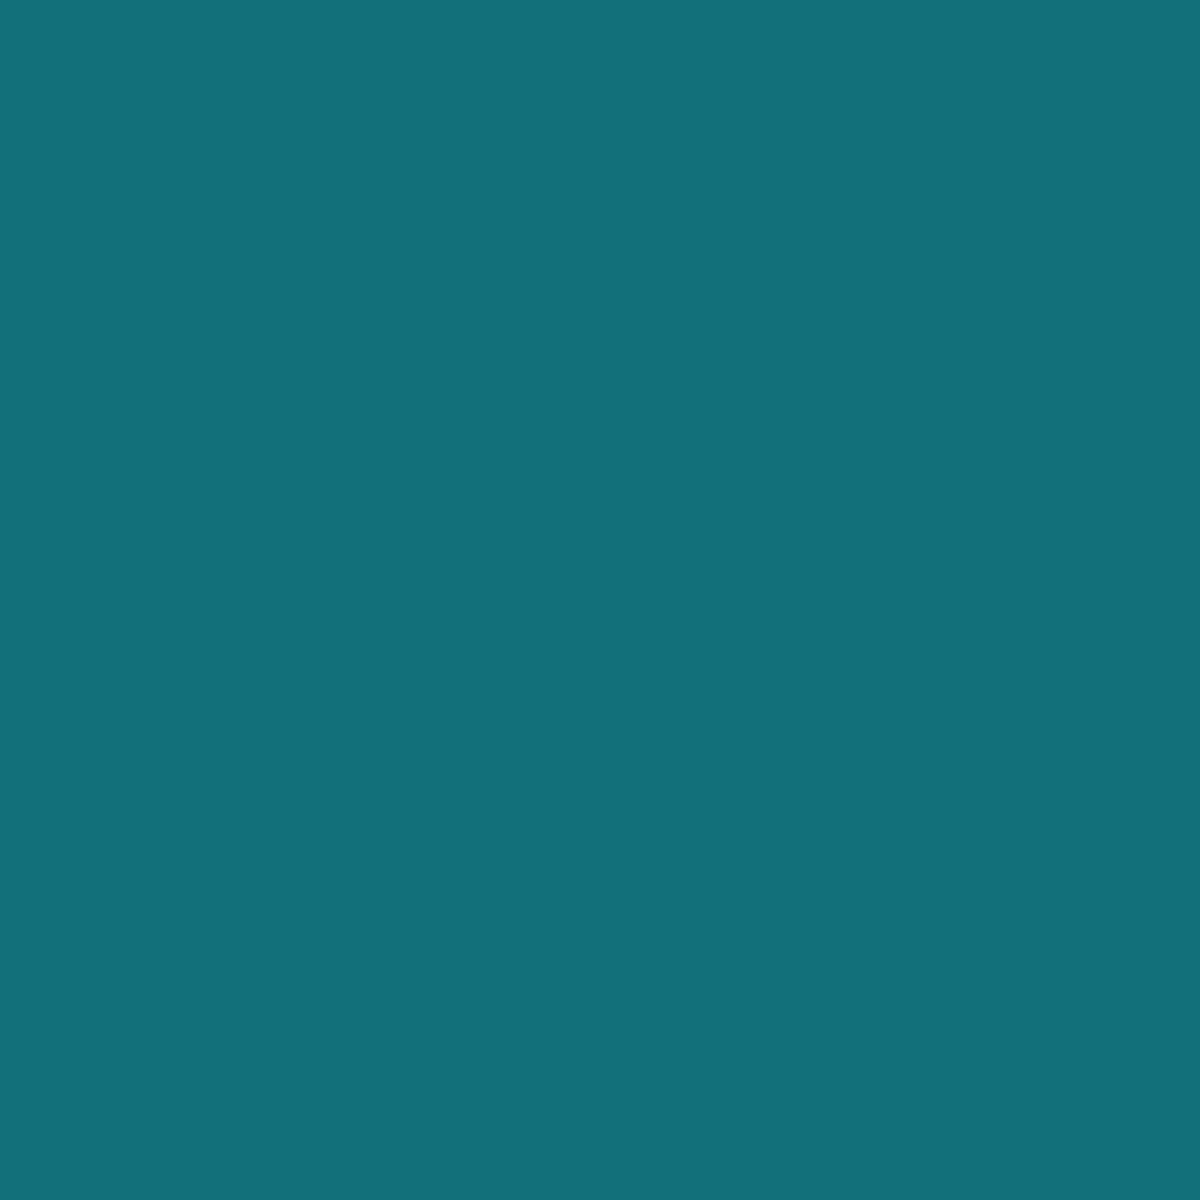 Vopsea lavabilă Chalkboard Naples Blue, Benjamin Moore, 1 litru / cutie